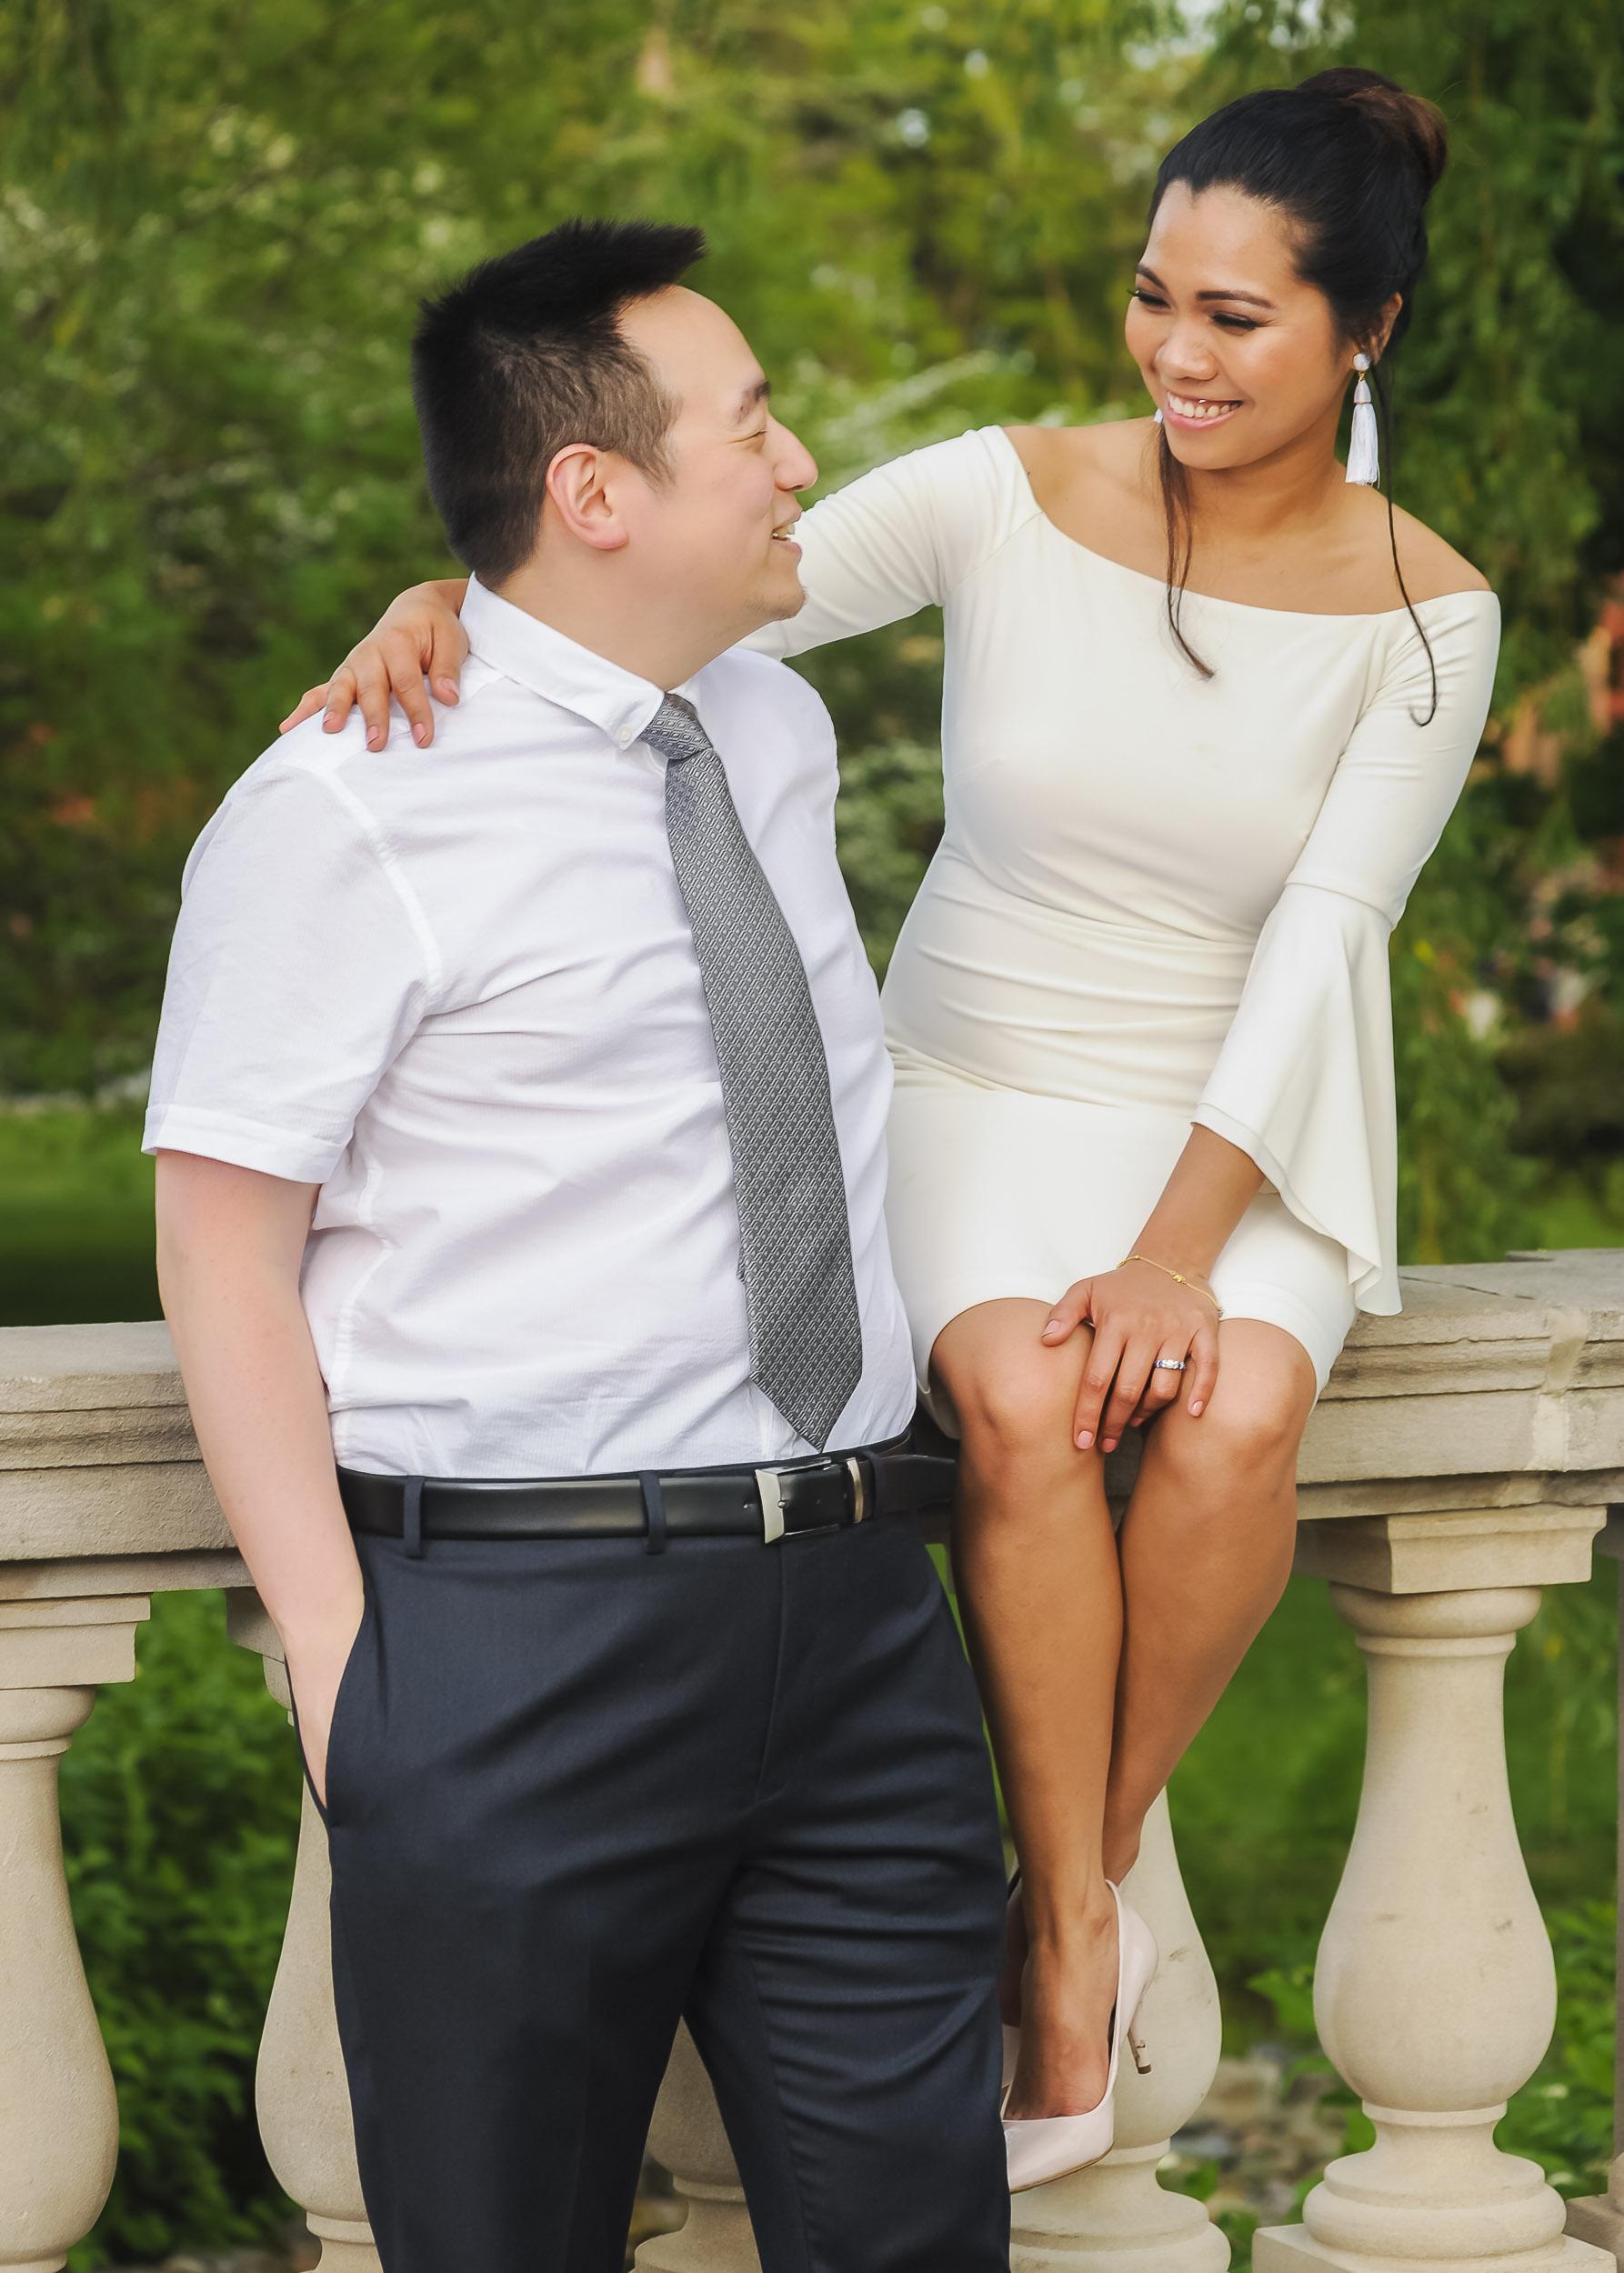 wedding-photographers-saratoga-springs-ny   jeffrey-house-photography